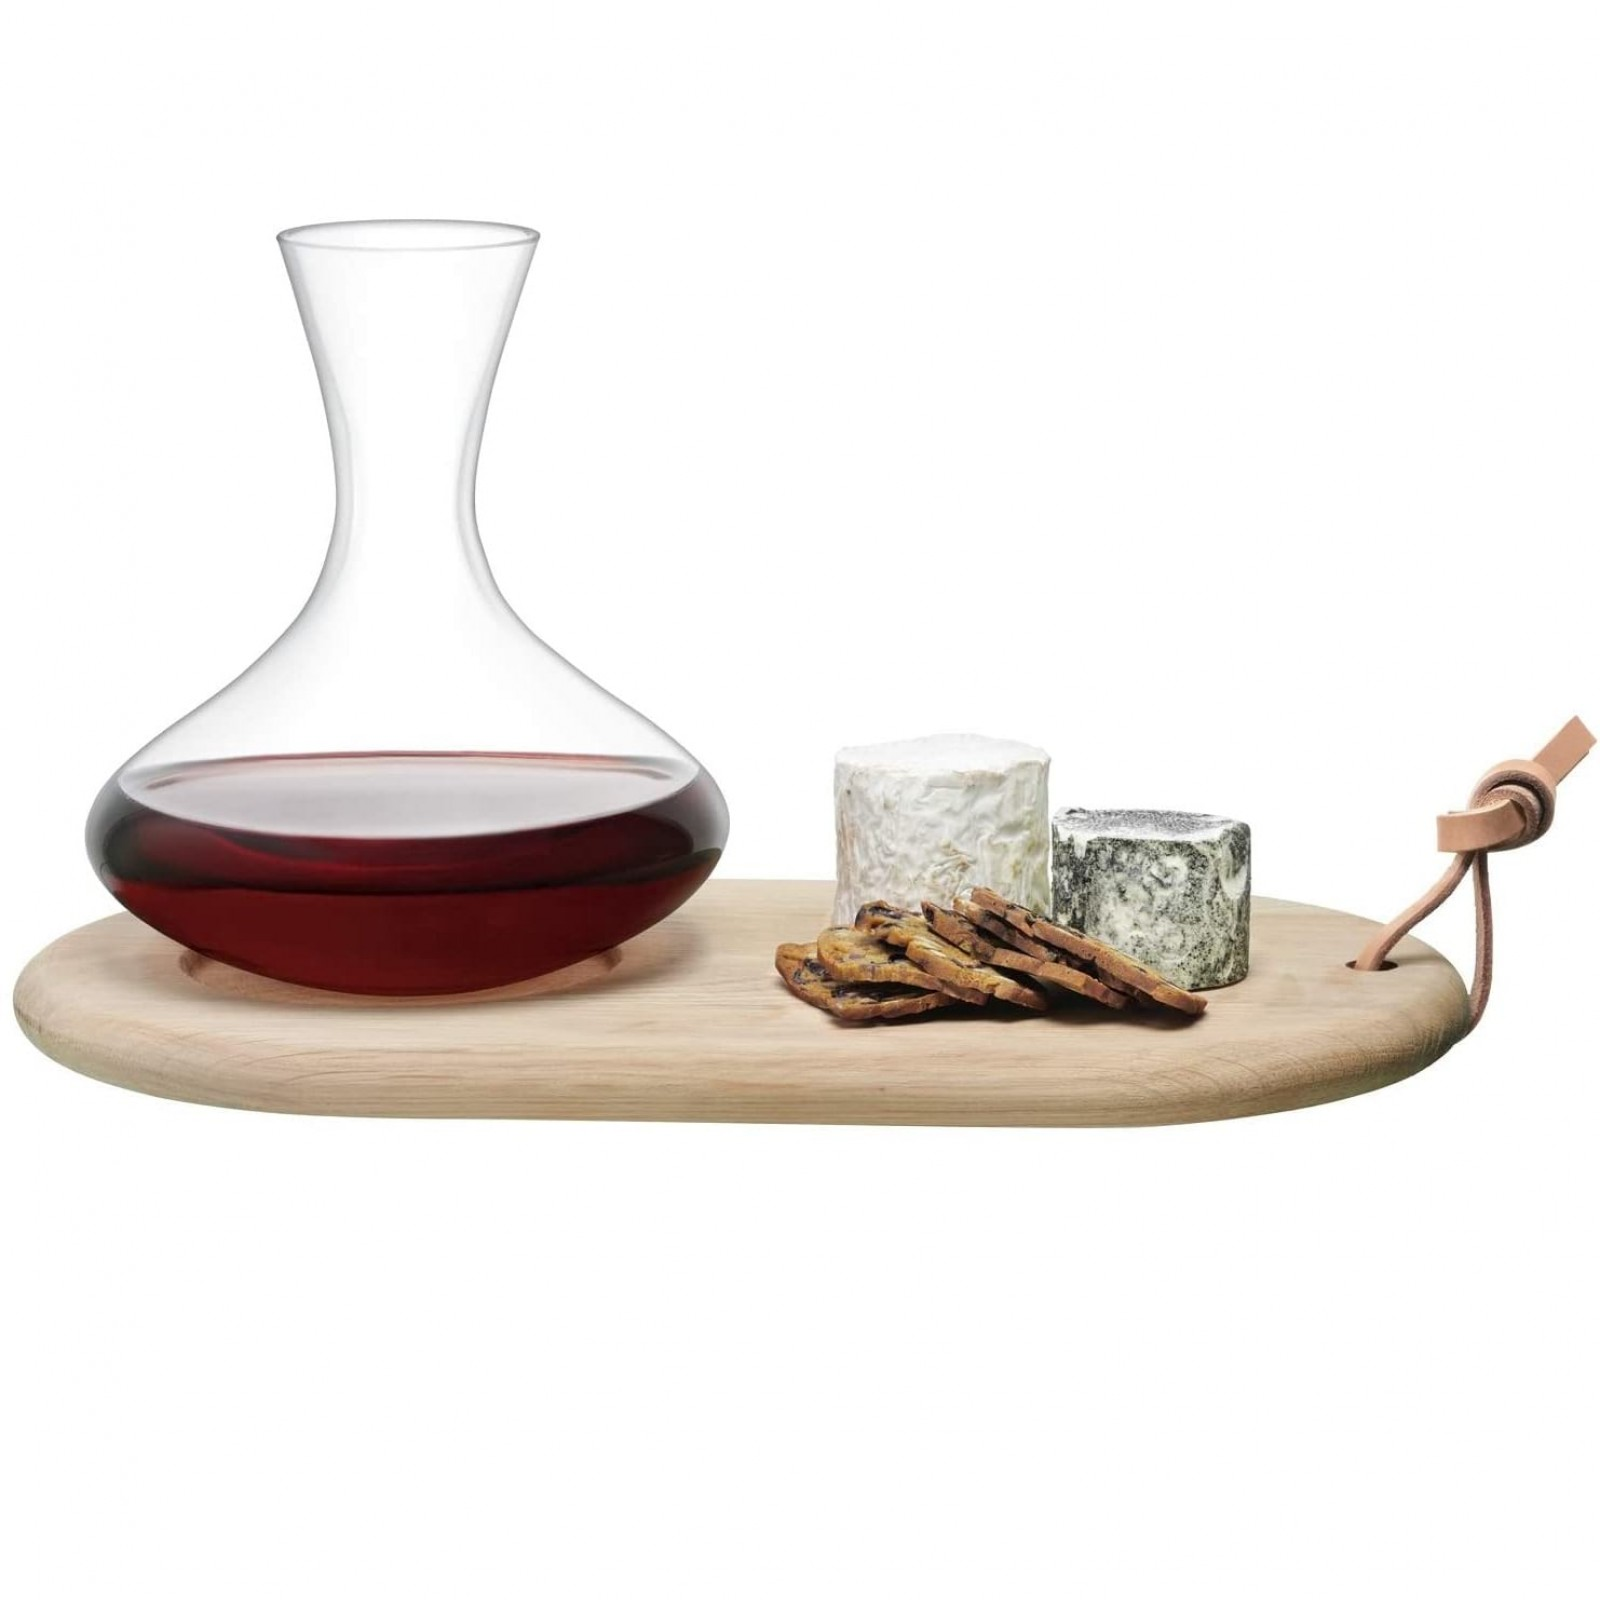 Σετ Καράφα Κρασιού 1.4L με Ξύλινη Βάση Σερβιρίσματος - LSA